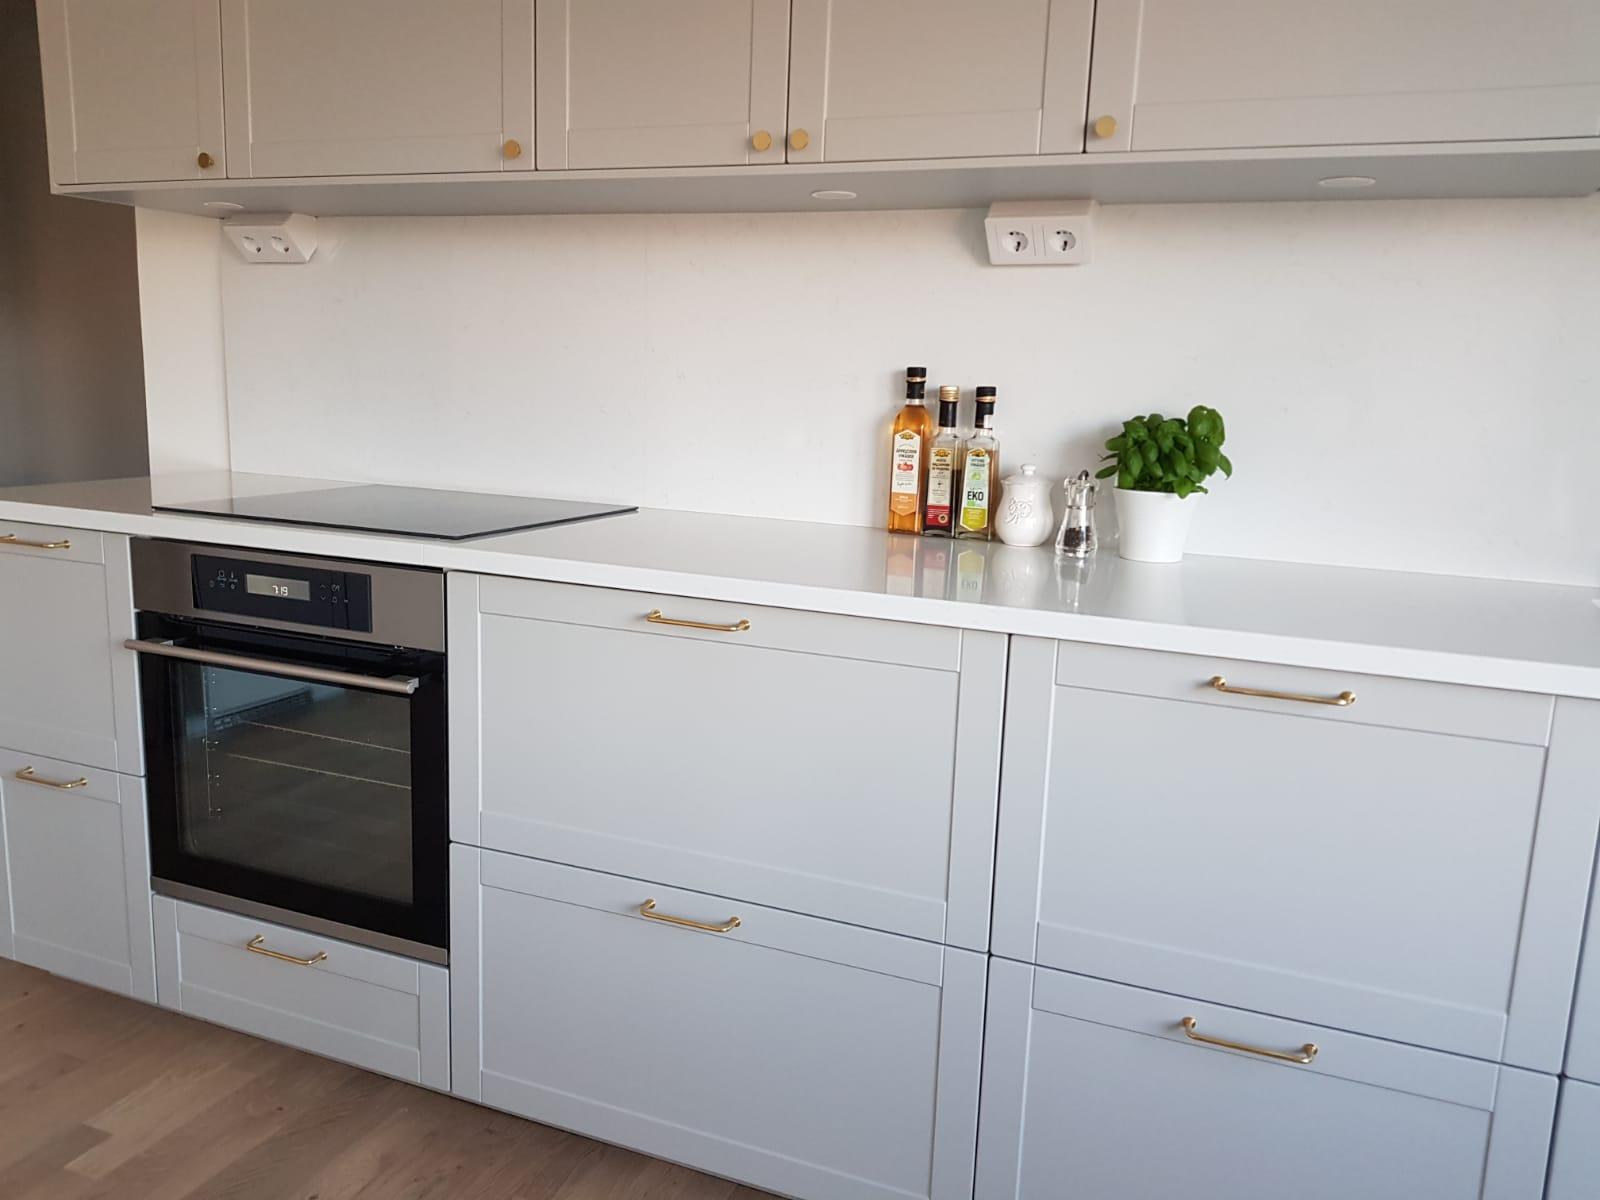 Luckor Till Ikea Kök Metod ~ IKEA Faktum och IKEA Metod Blanda köksluckor i samma kök